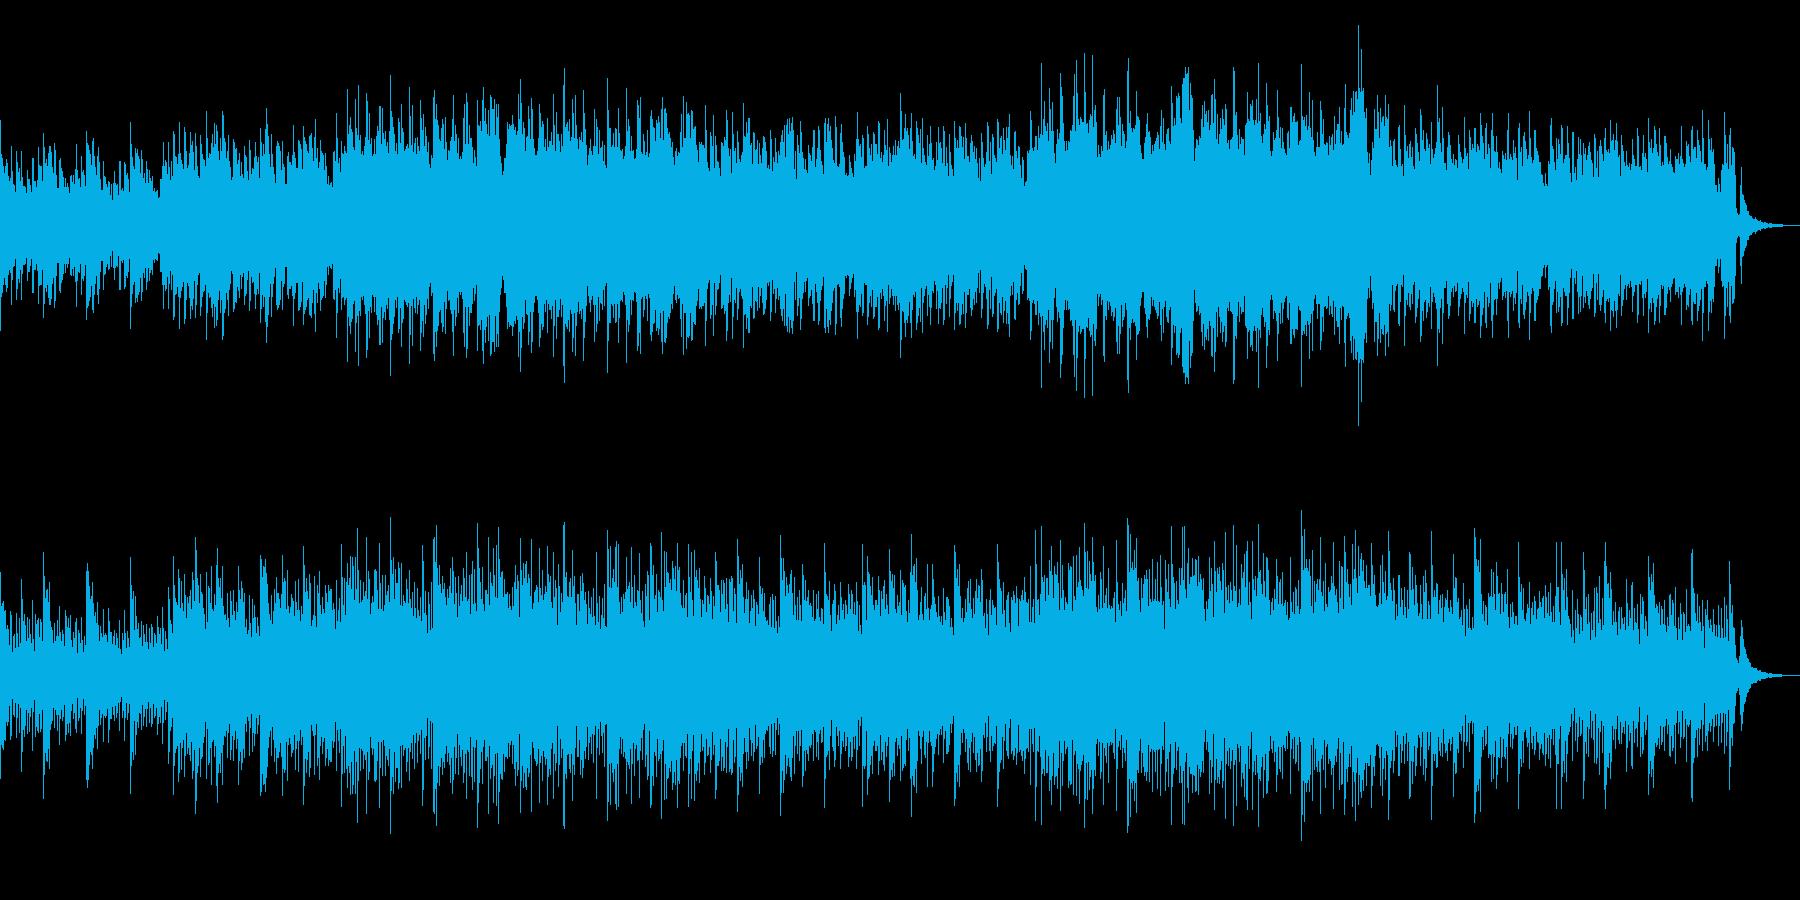 優しくて感動的なピアノ&ストリングスの再生済みの波形